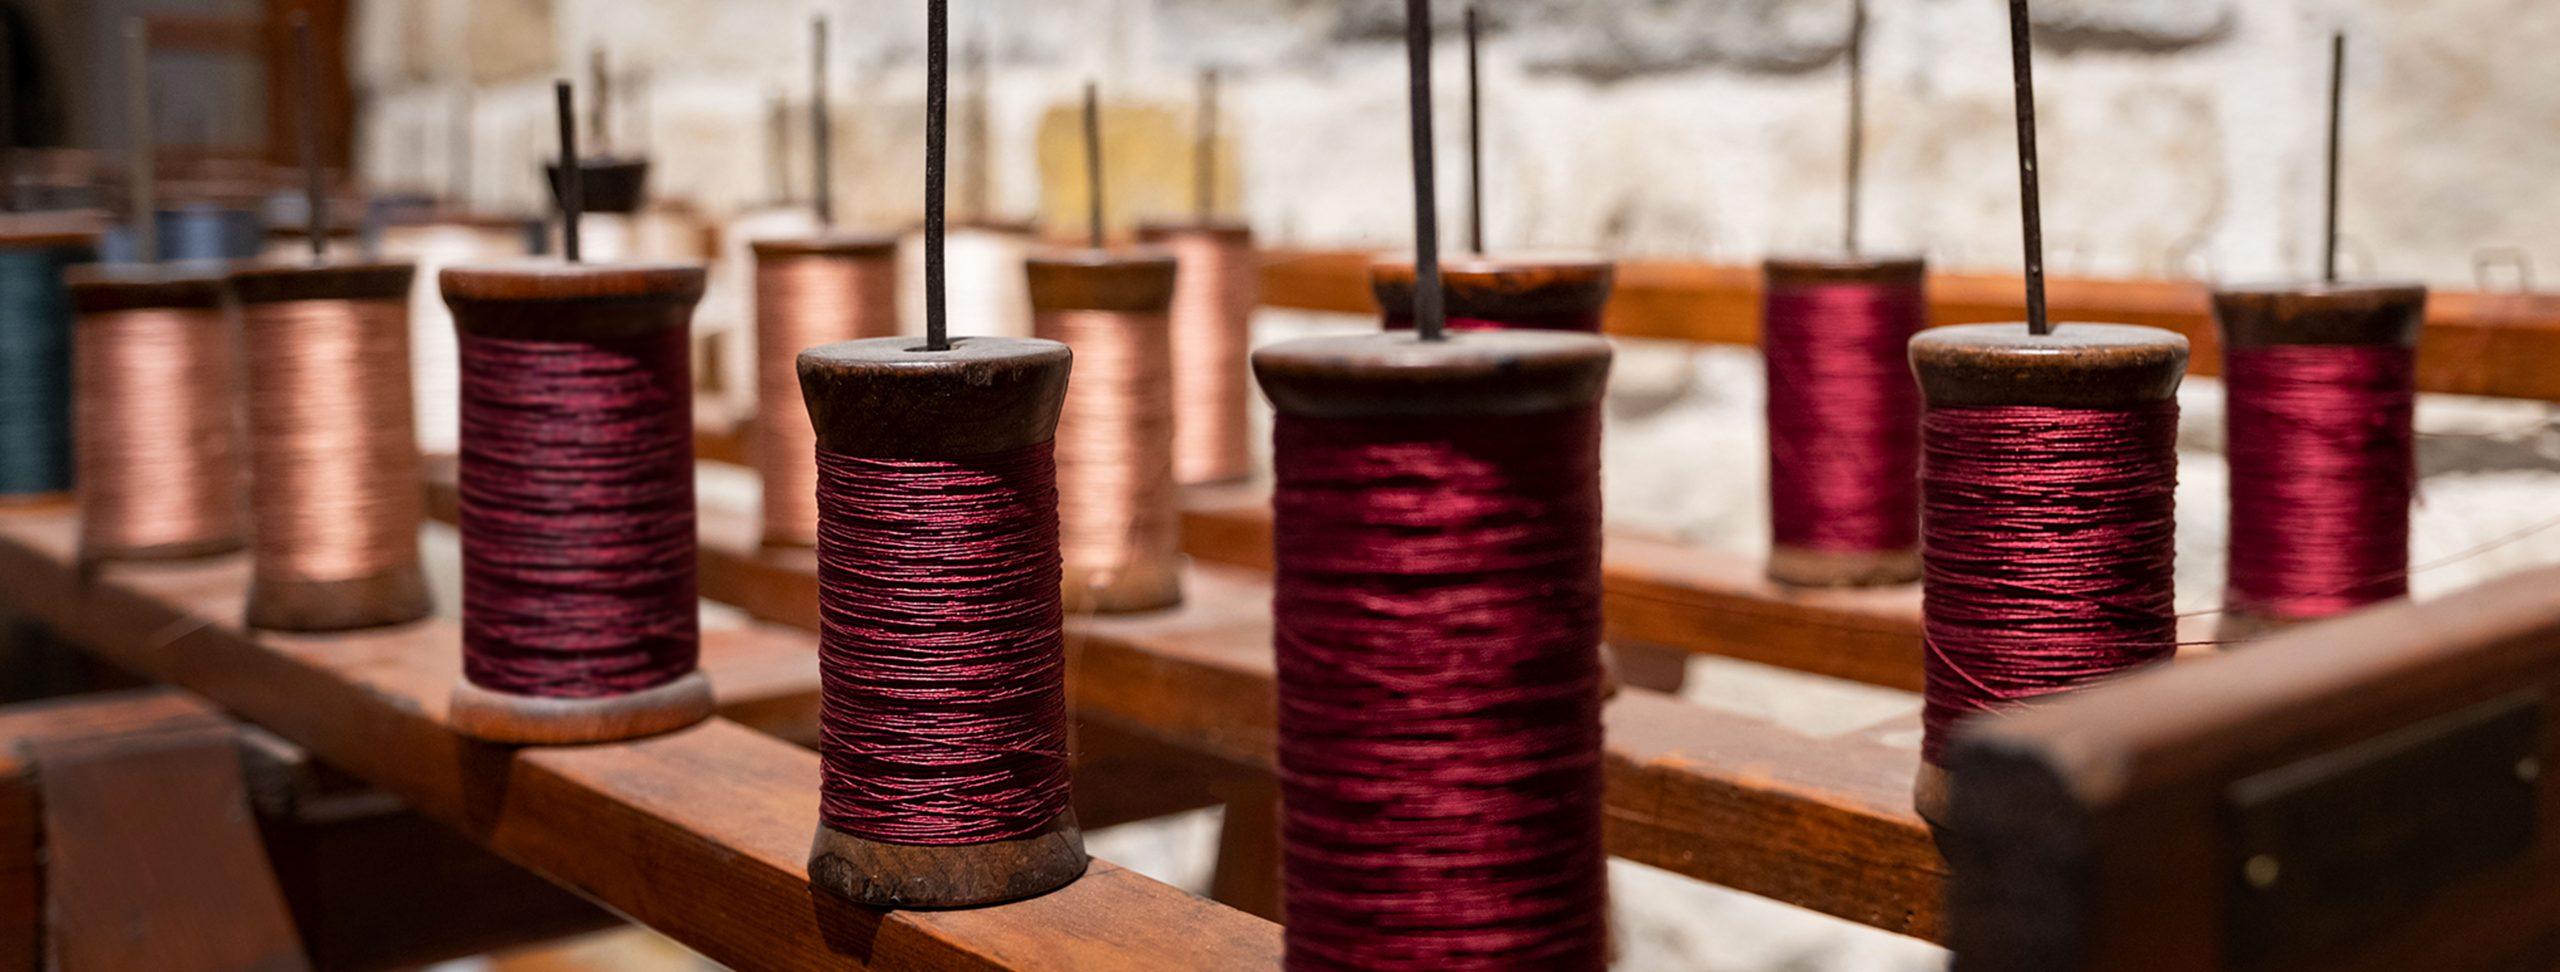 Dettaglio di diverse fili di rocchetti per tessitura.